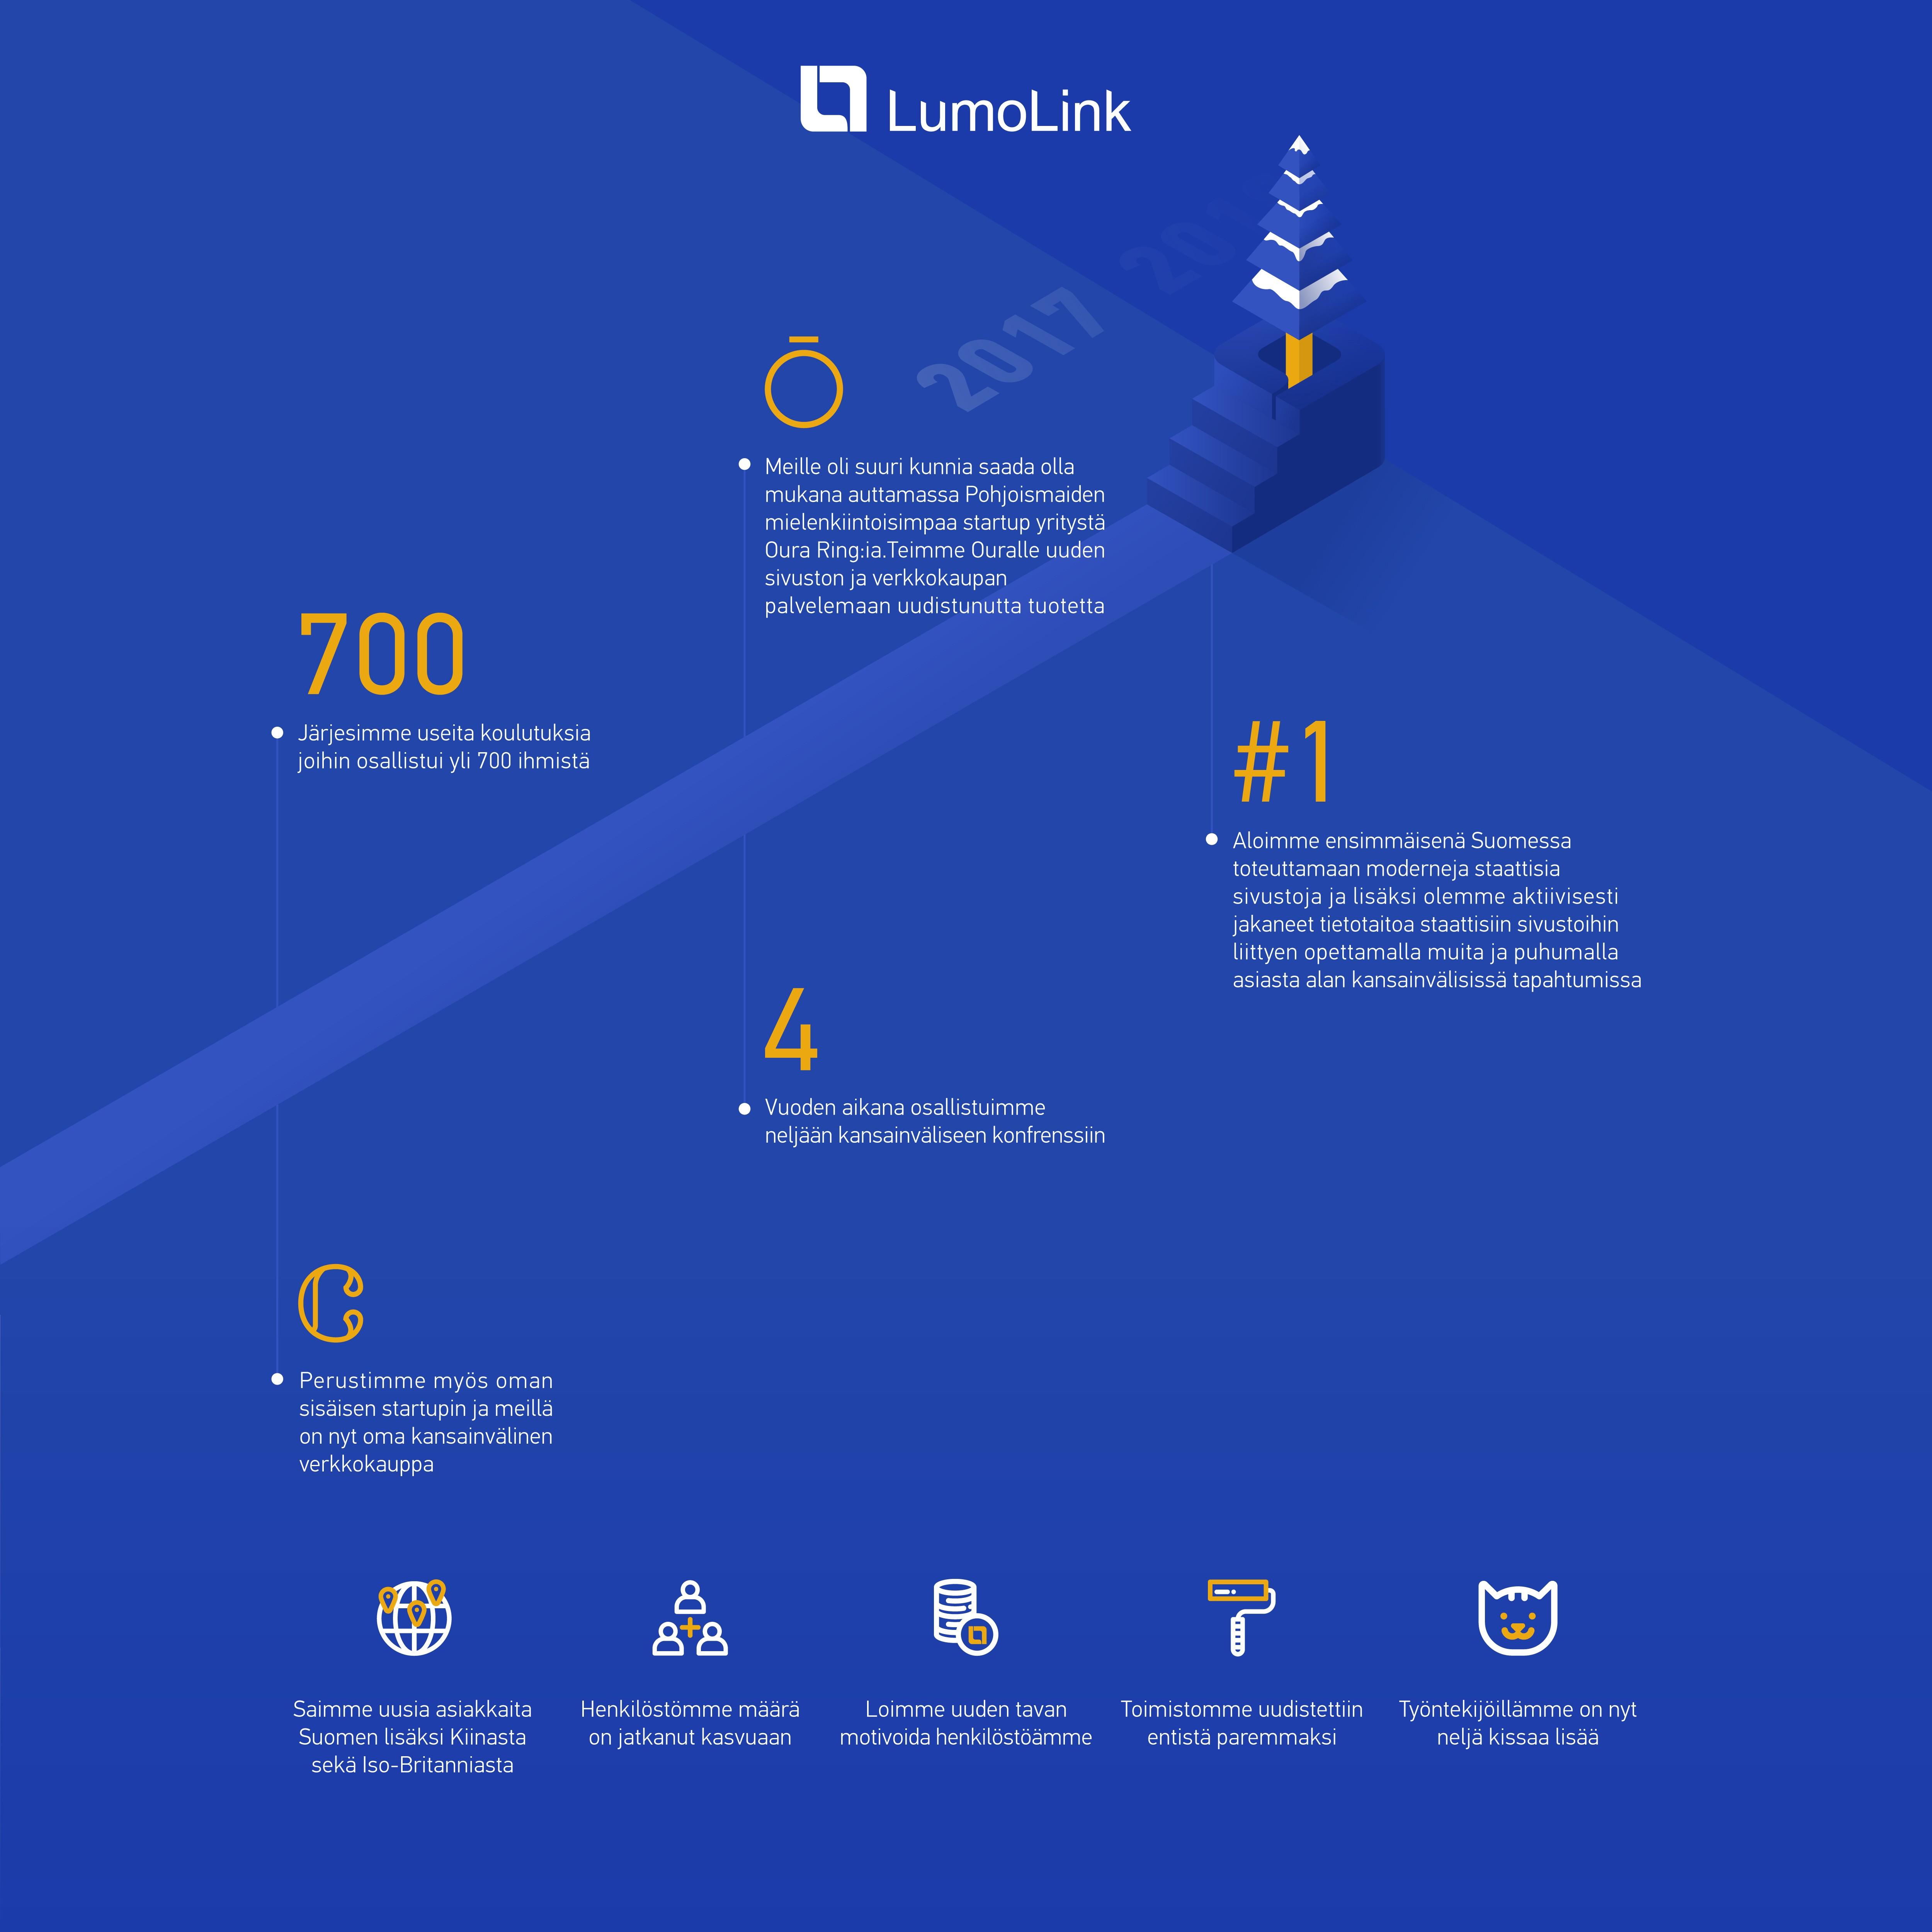 Infograafin LumoLinkin vuoden 2017 tapahtumista